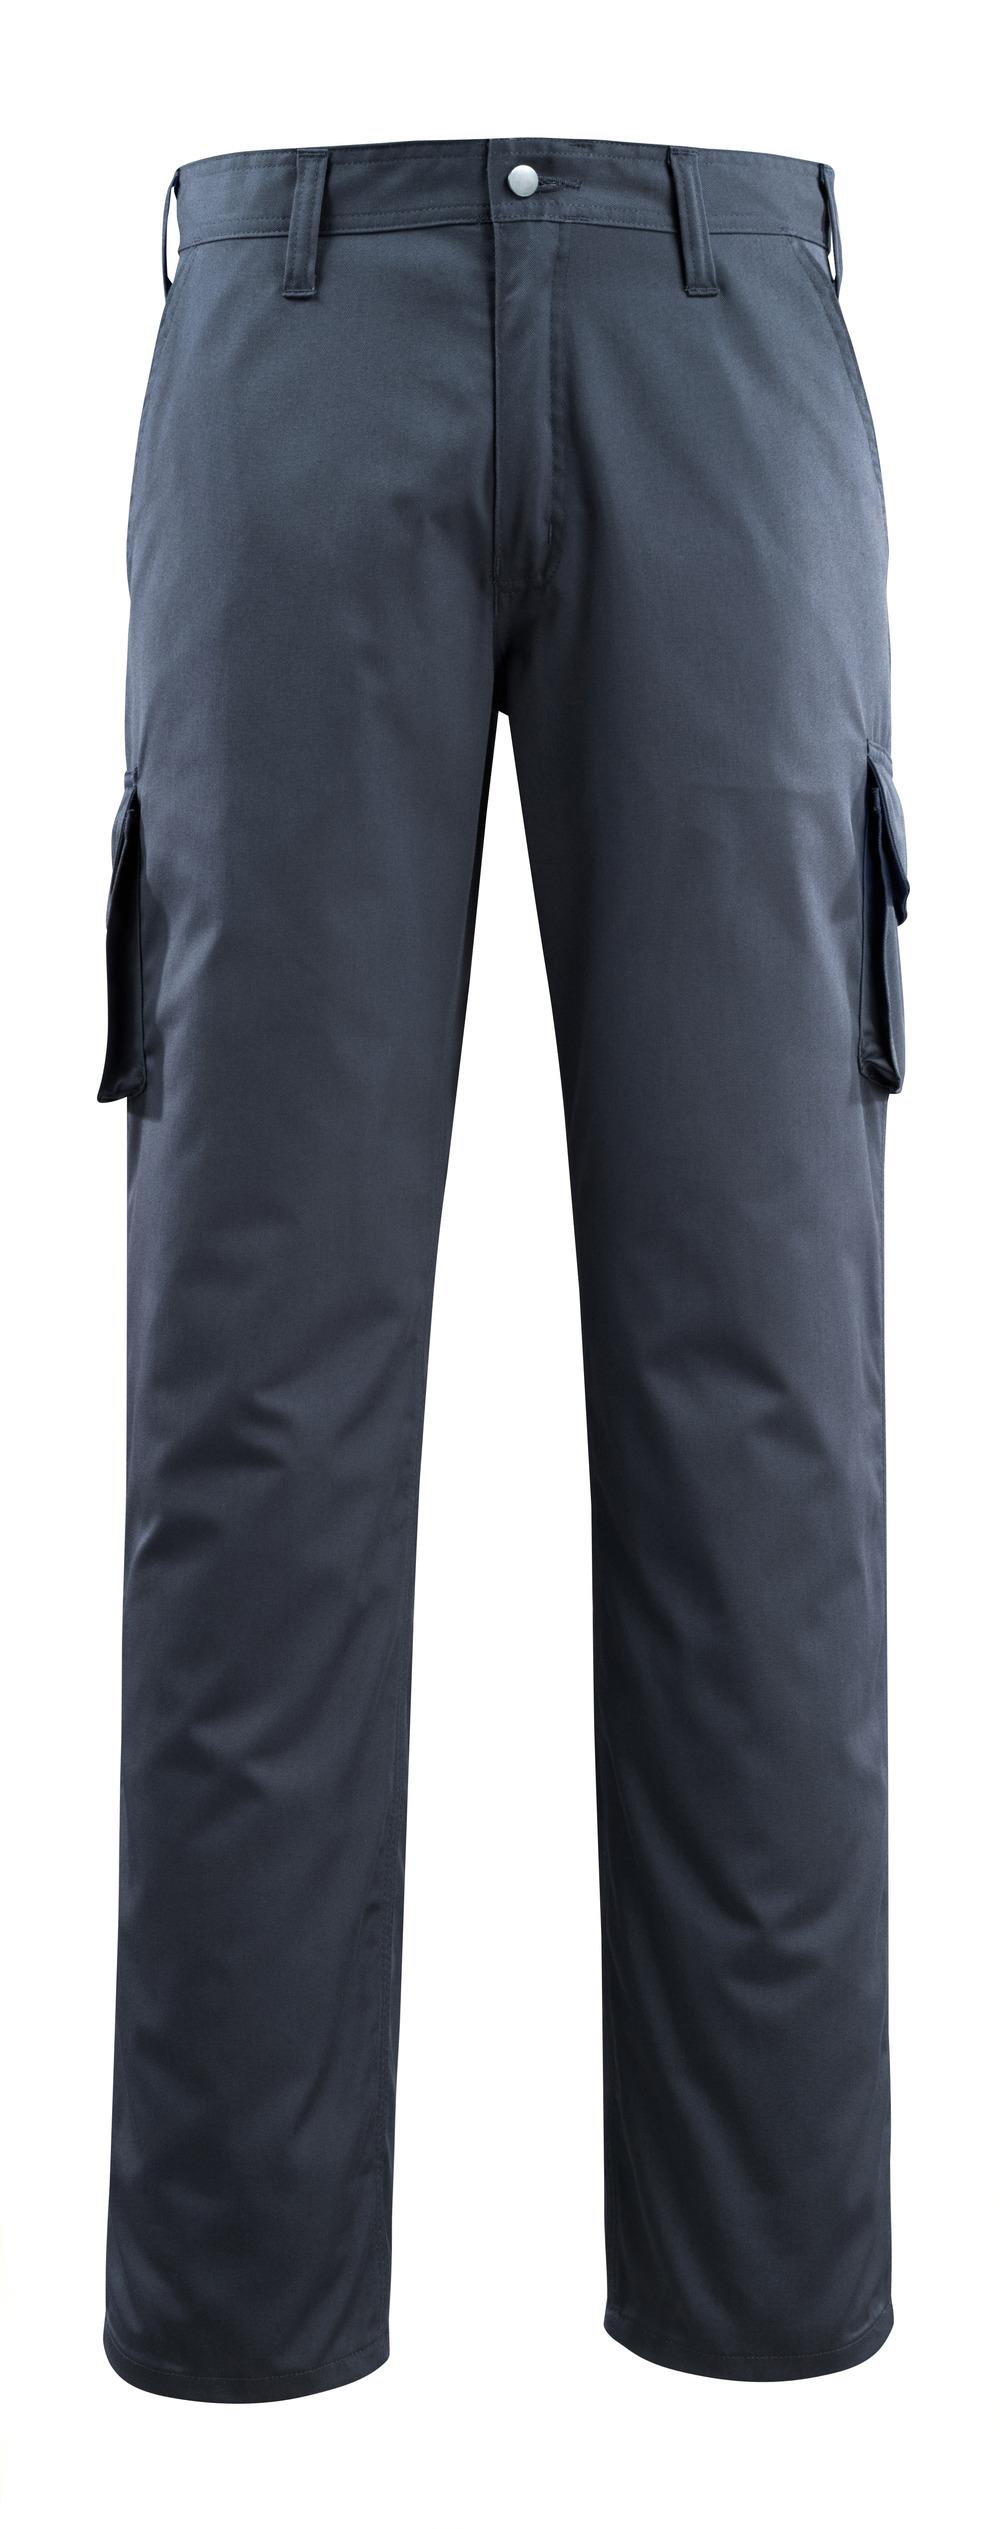 14779-850-010 Spodnie z kieszeniami na udach - ciemny granat